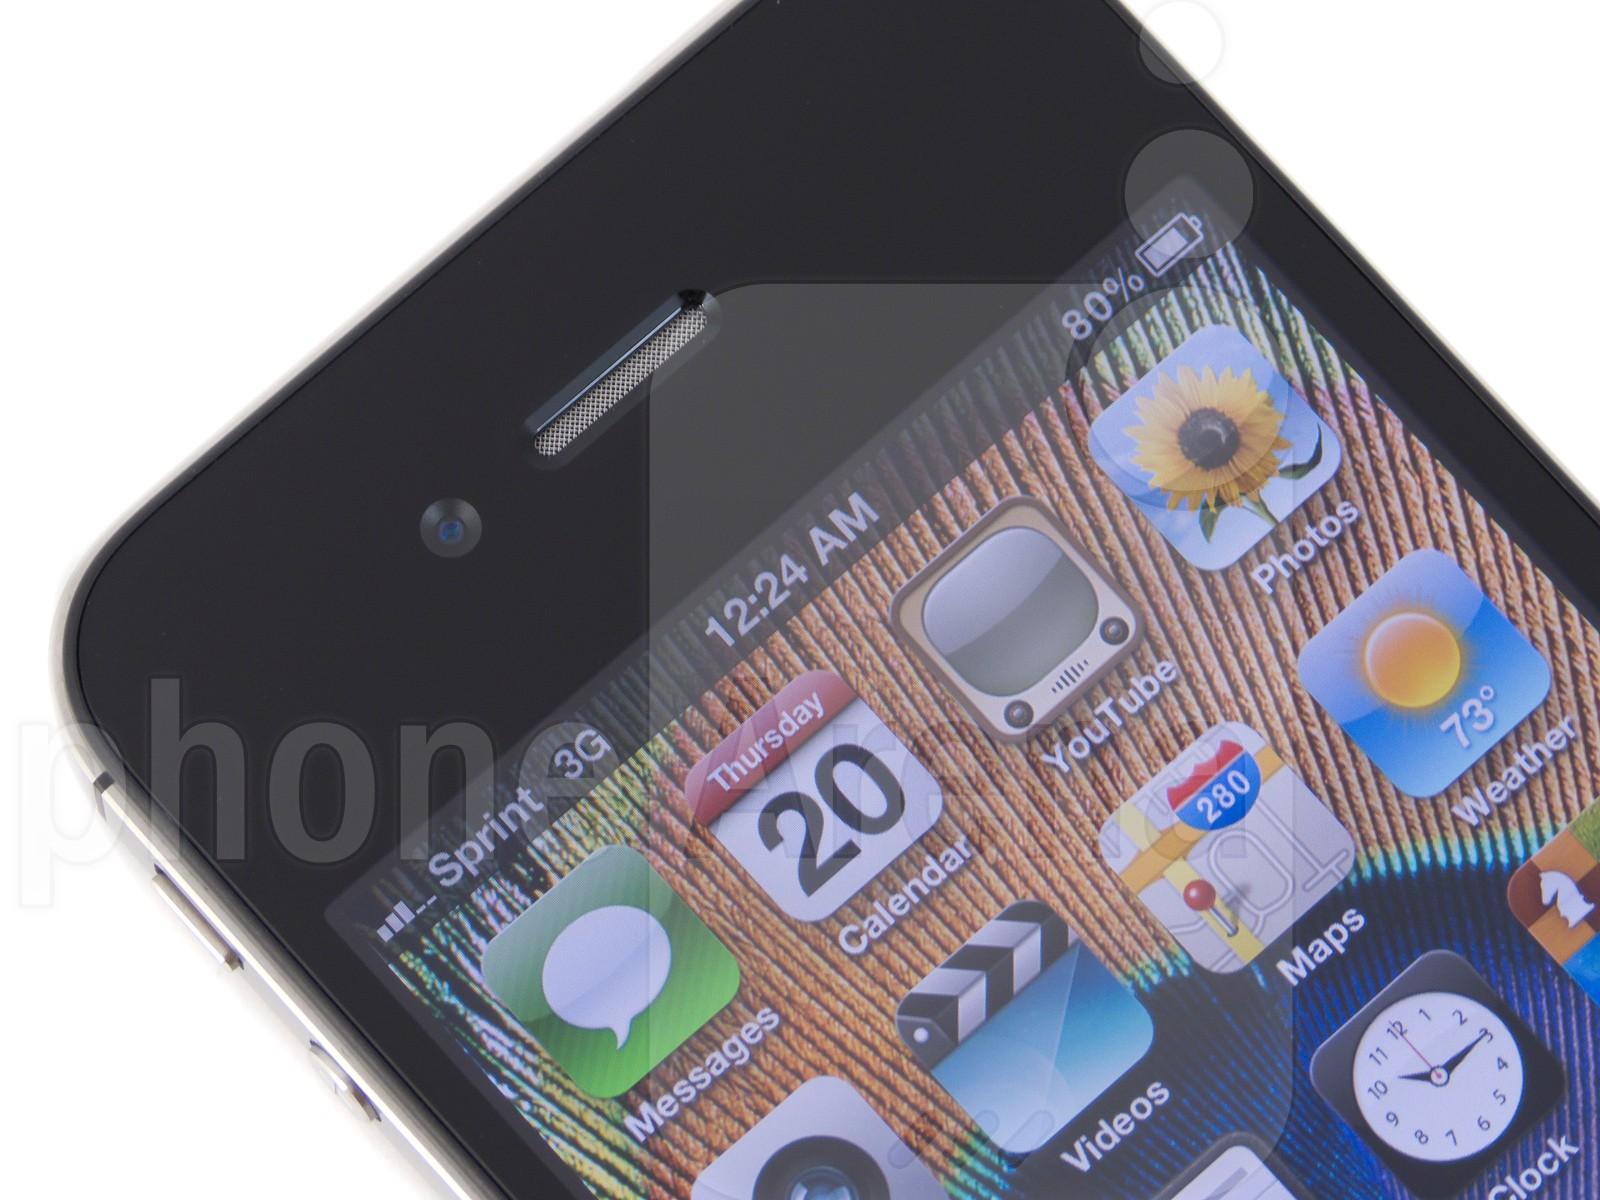 Apple iPhone 4s 13